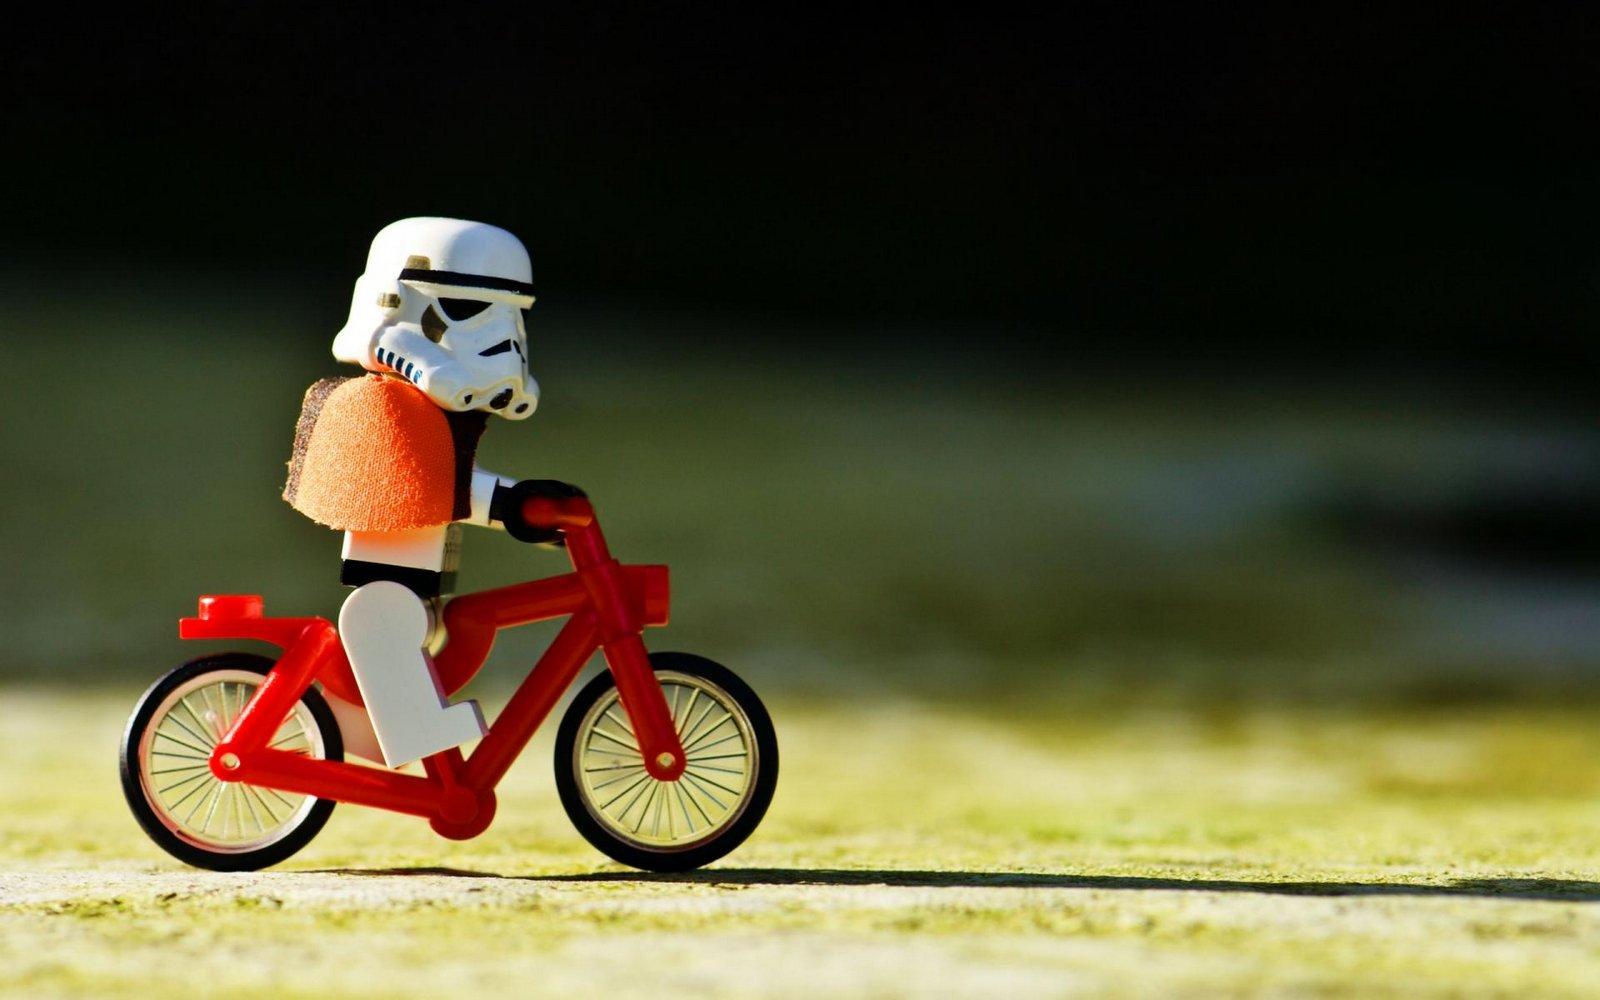 Funny-Biker-1200x1920.jpg